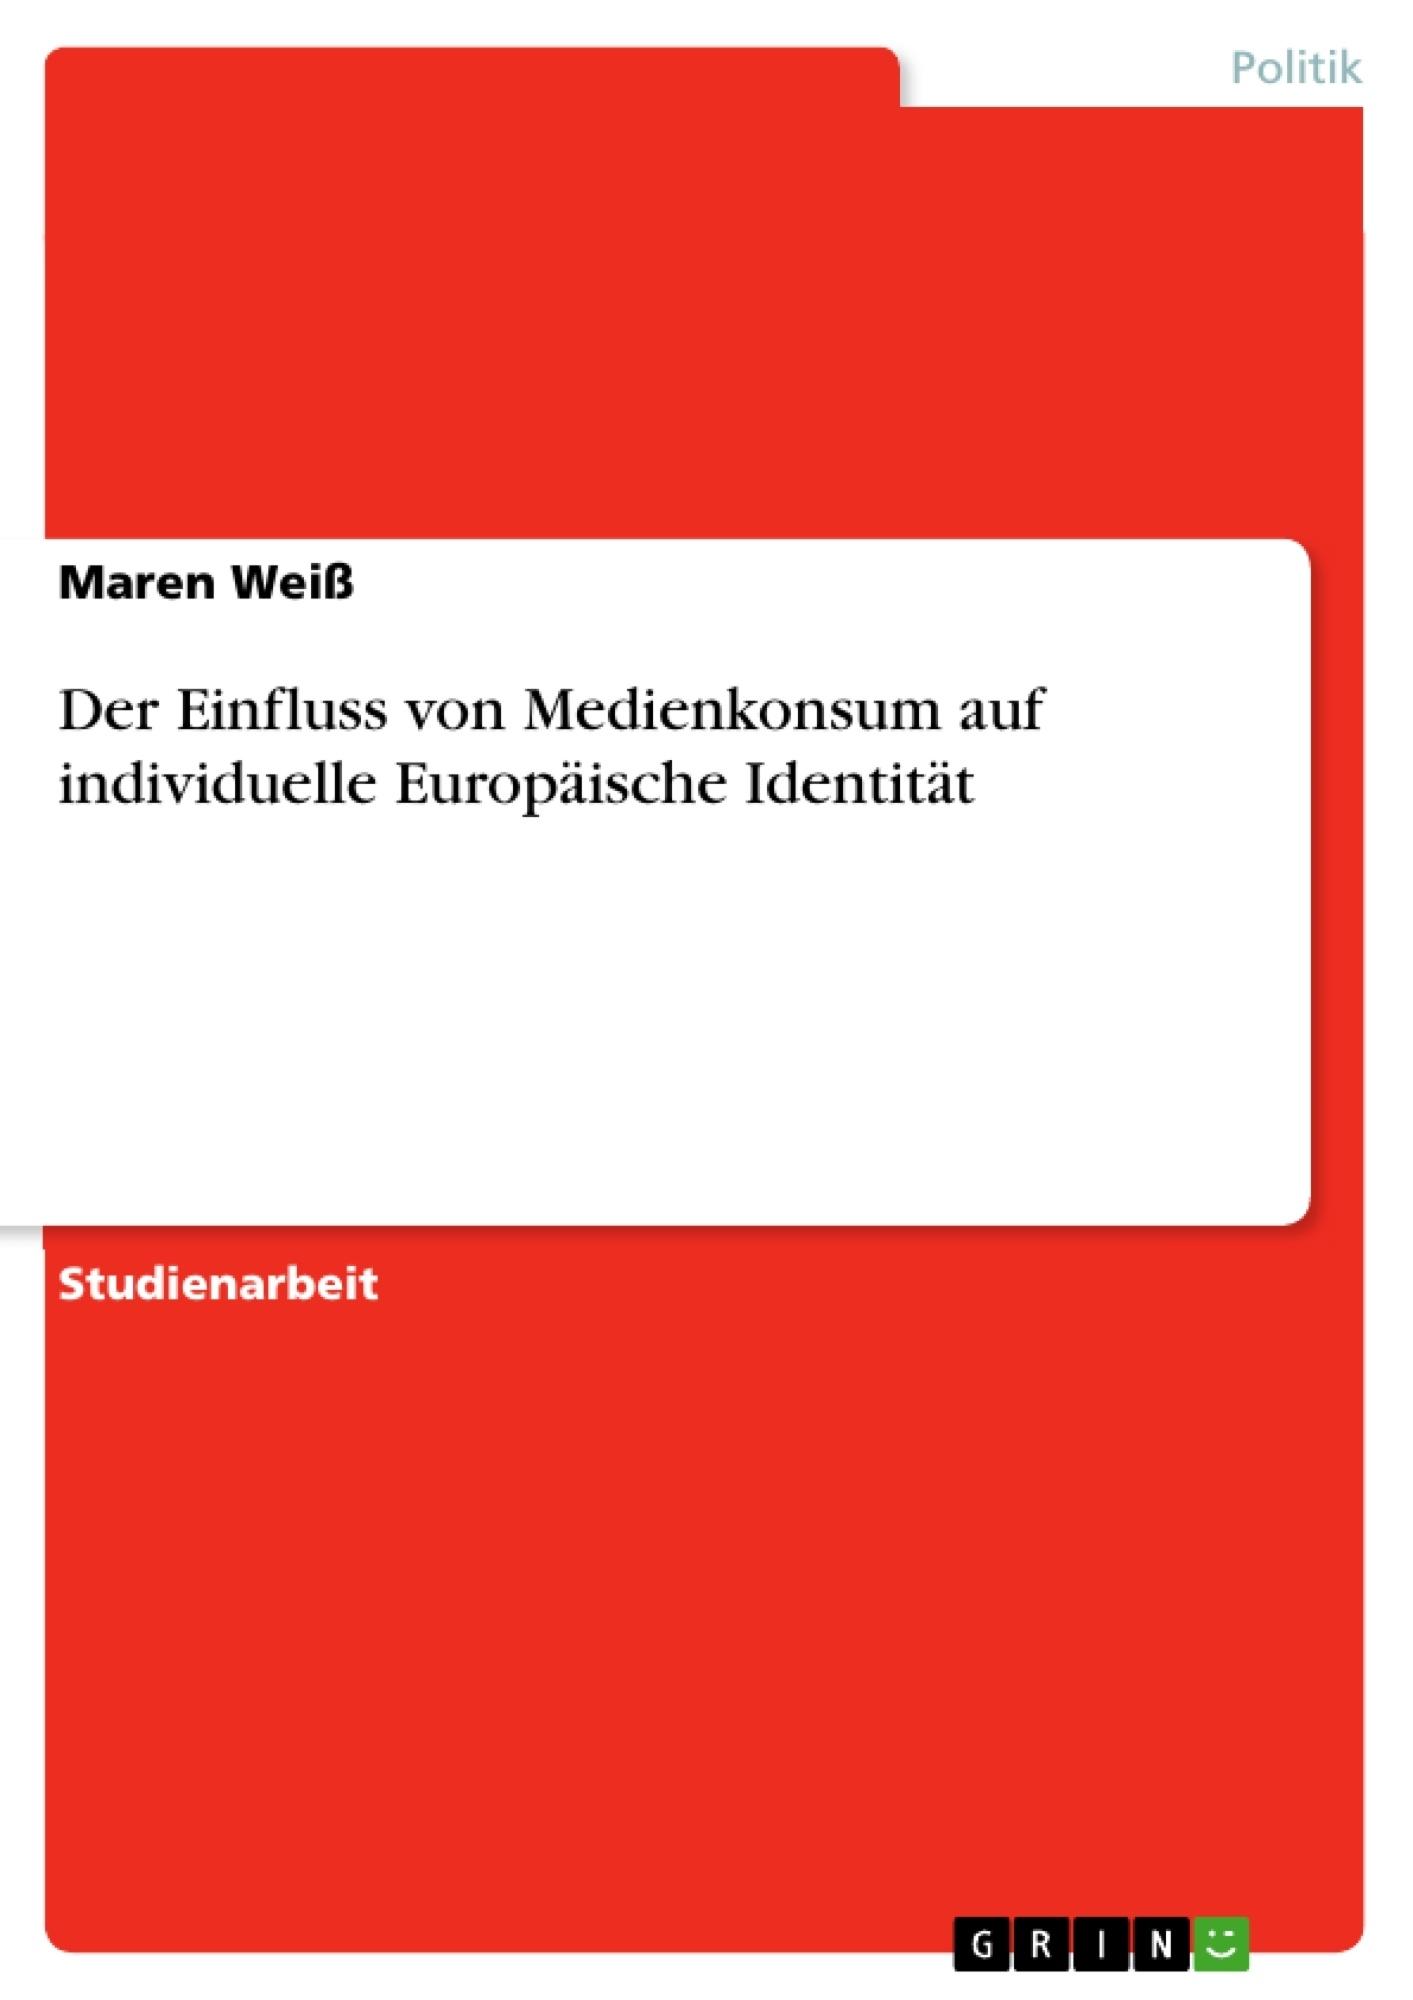 Titel: Der Einfluss von Medienkonsum auf individuelle Europäische Identität